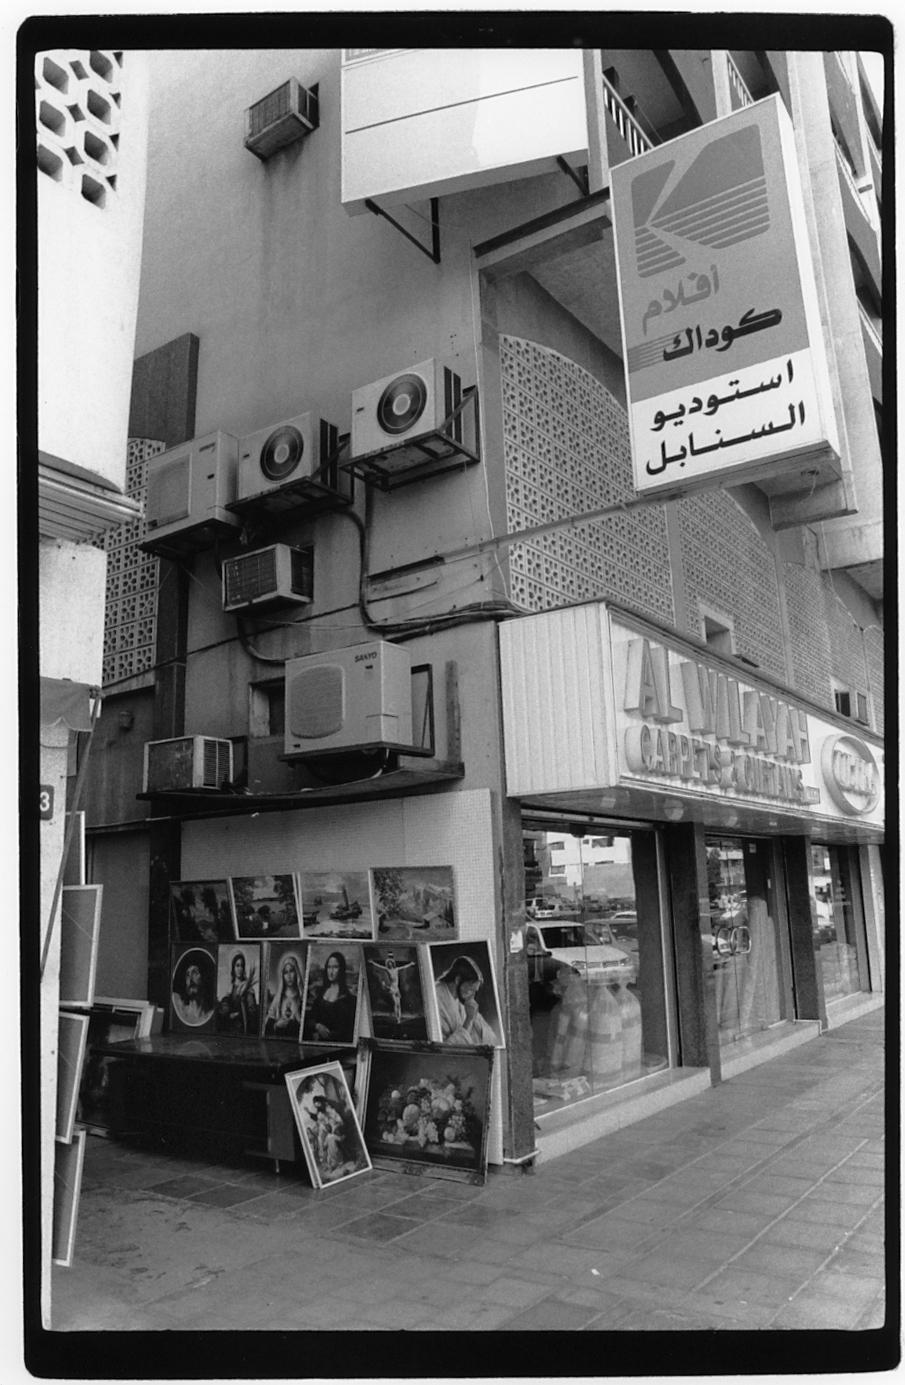 Dubai, 2001